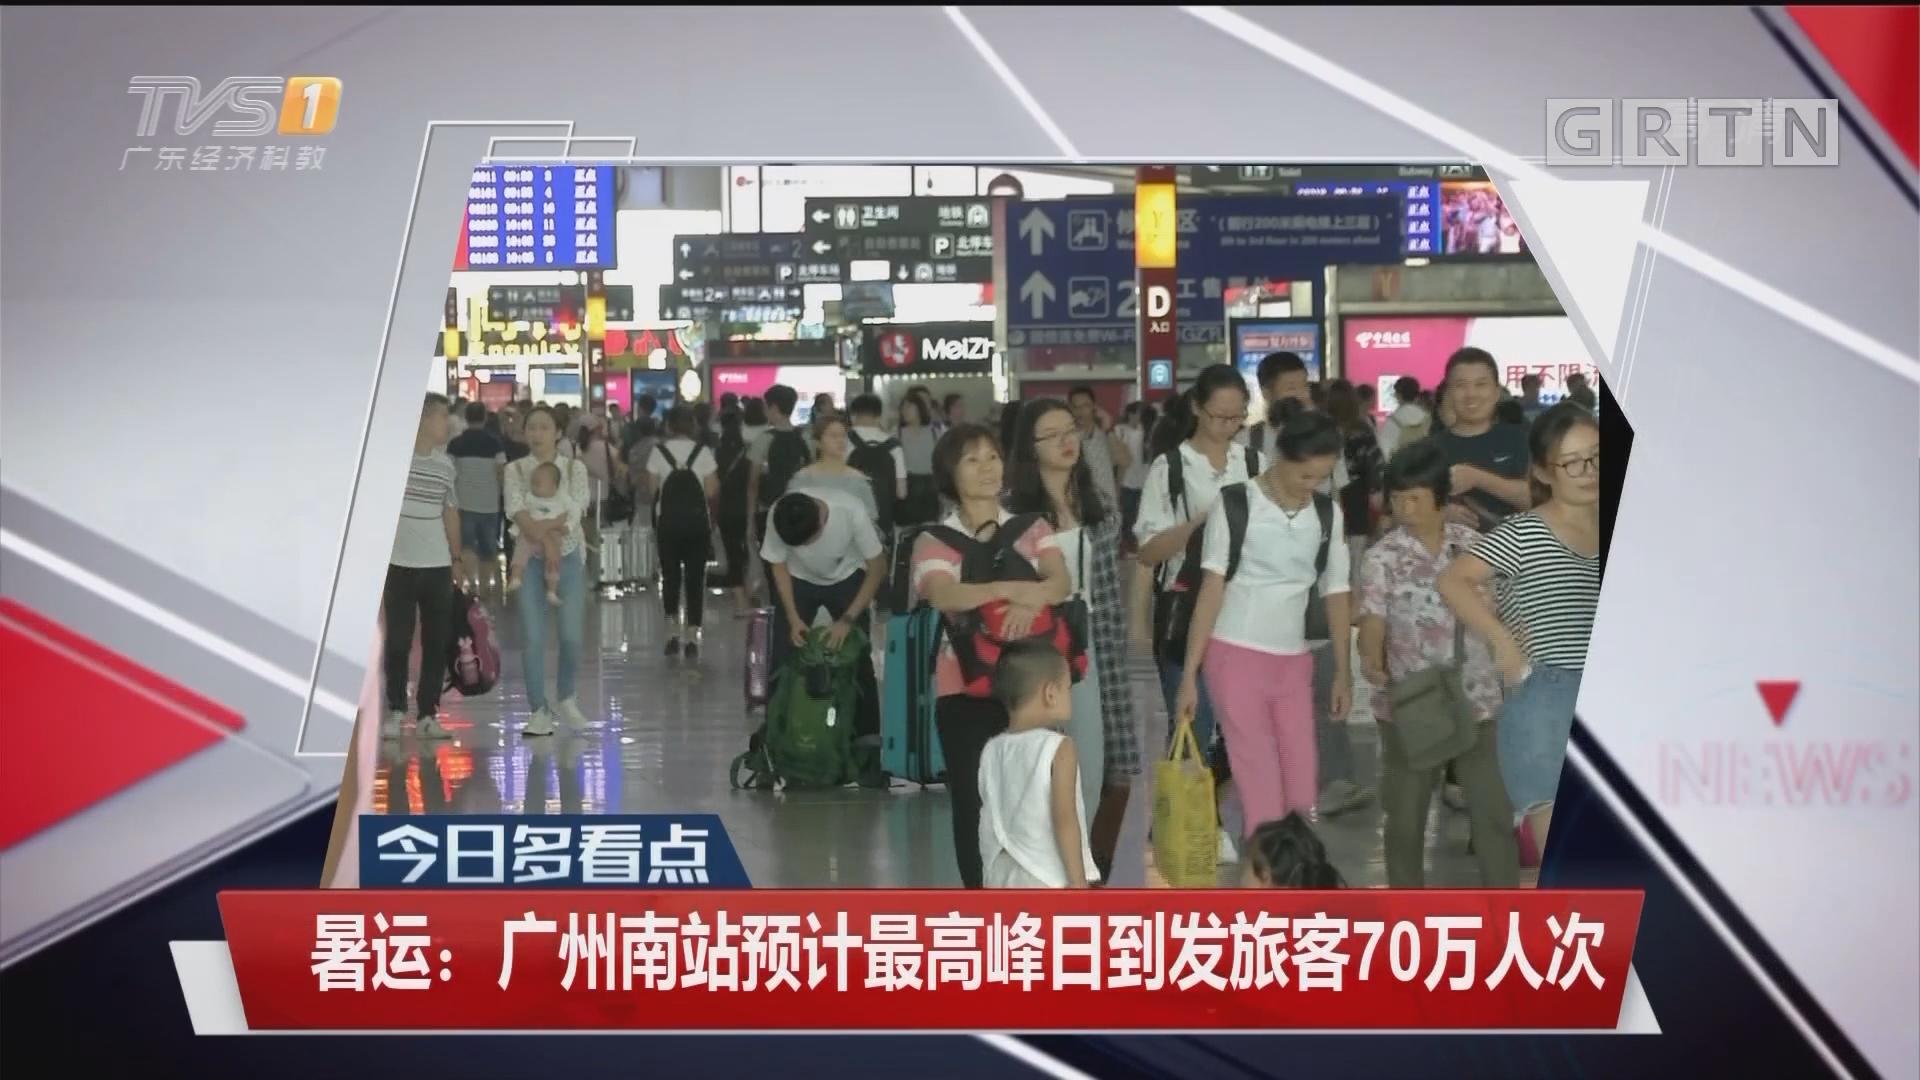 暑运:广州南站预计最高峰日到发旅客70万人次